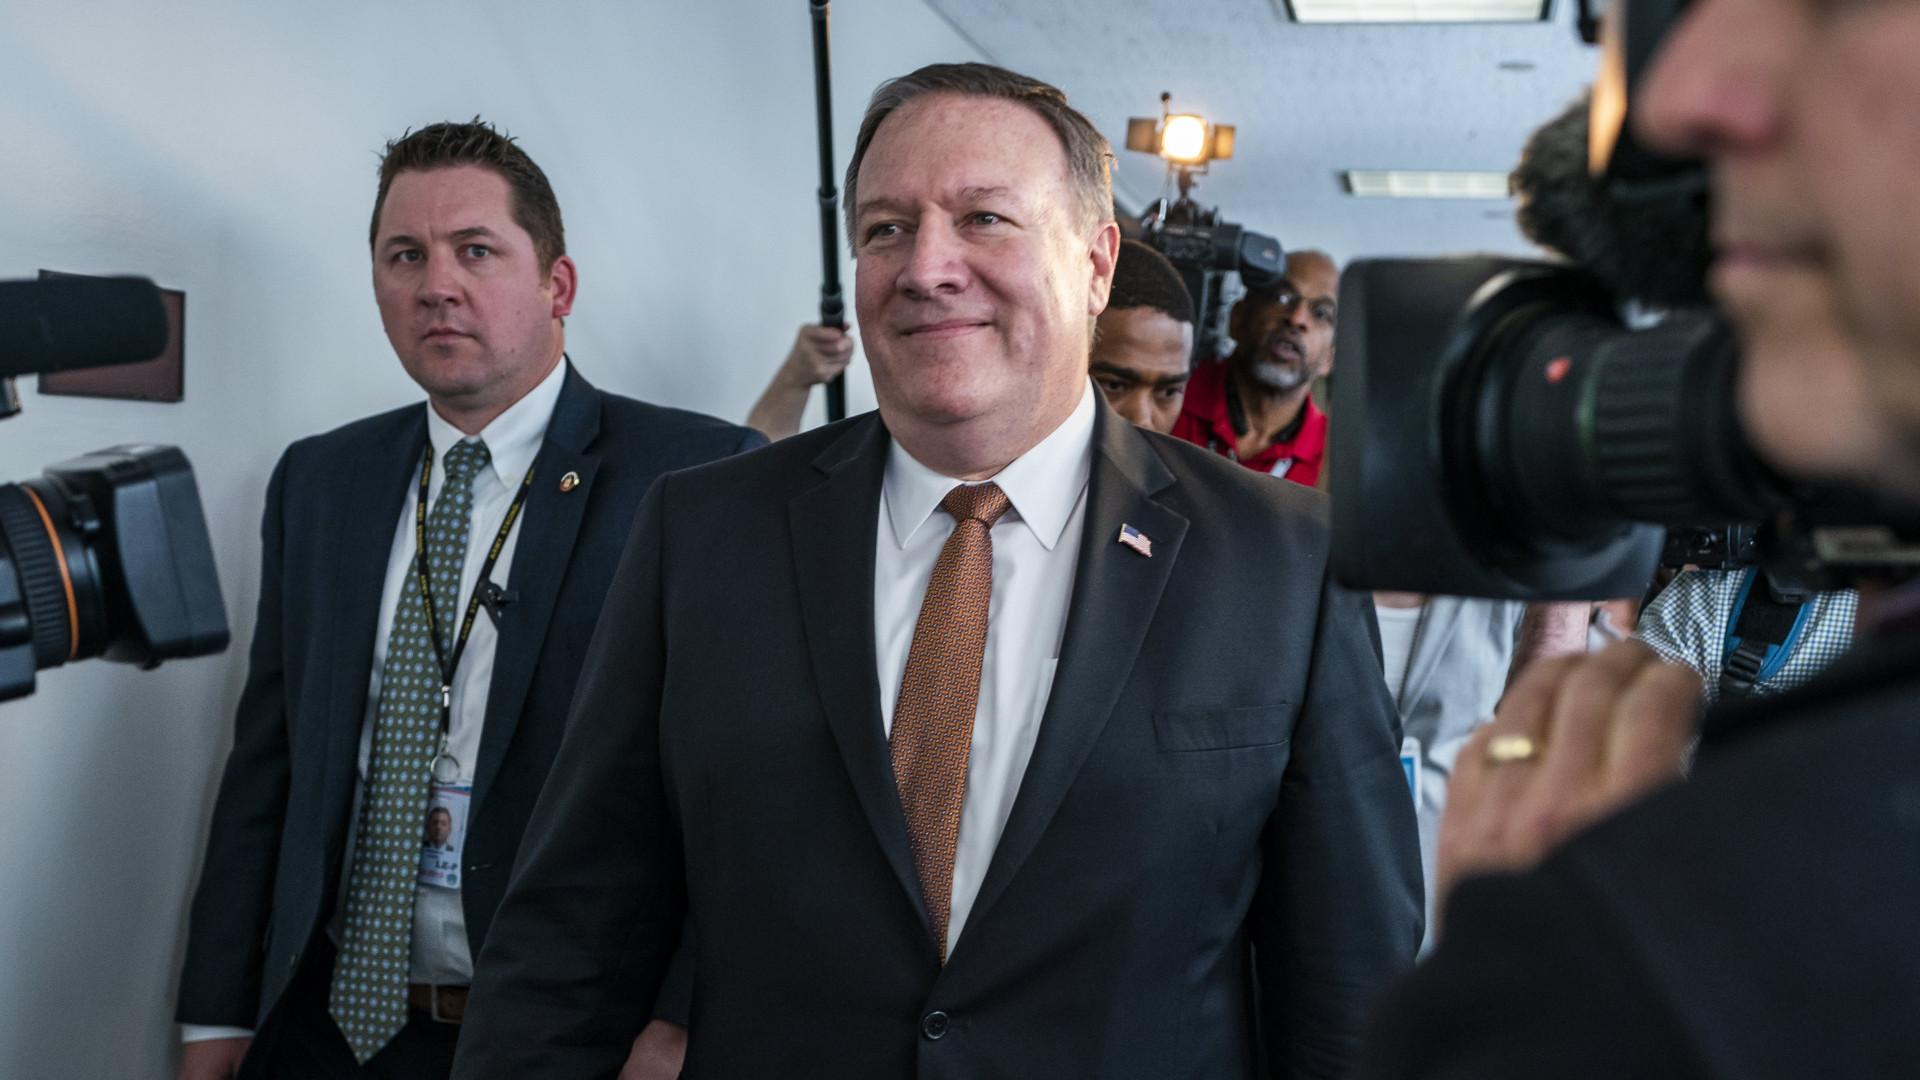 Senado dos EUA confirma Mike Pompeo como novo secretário de Estado